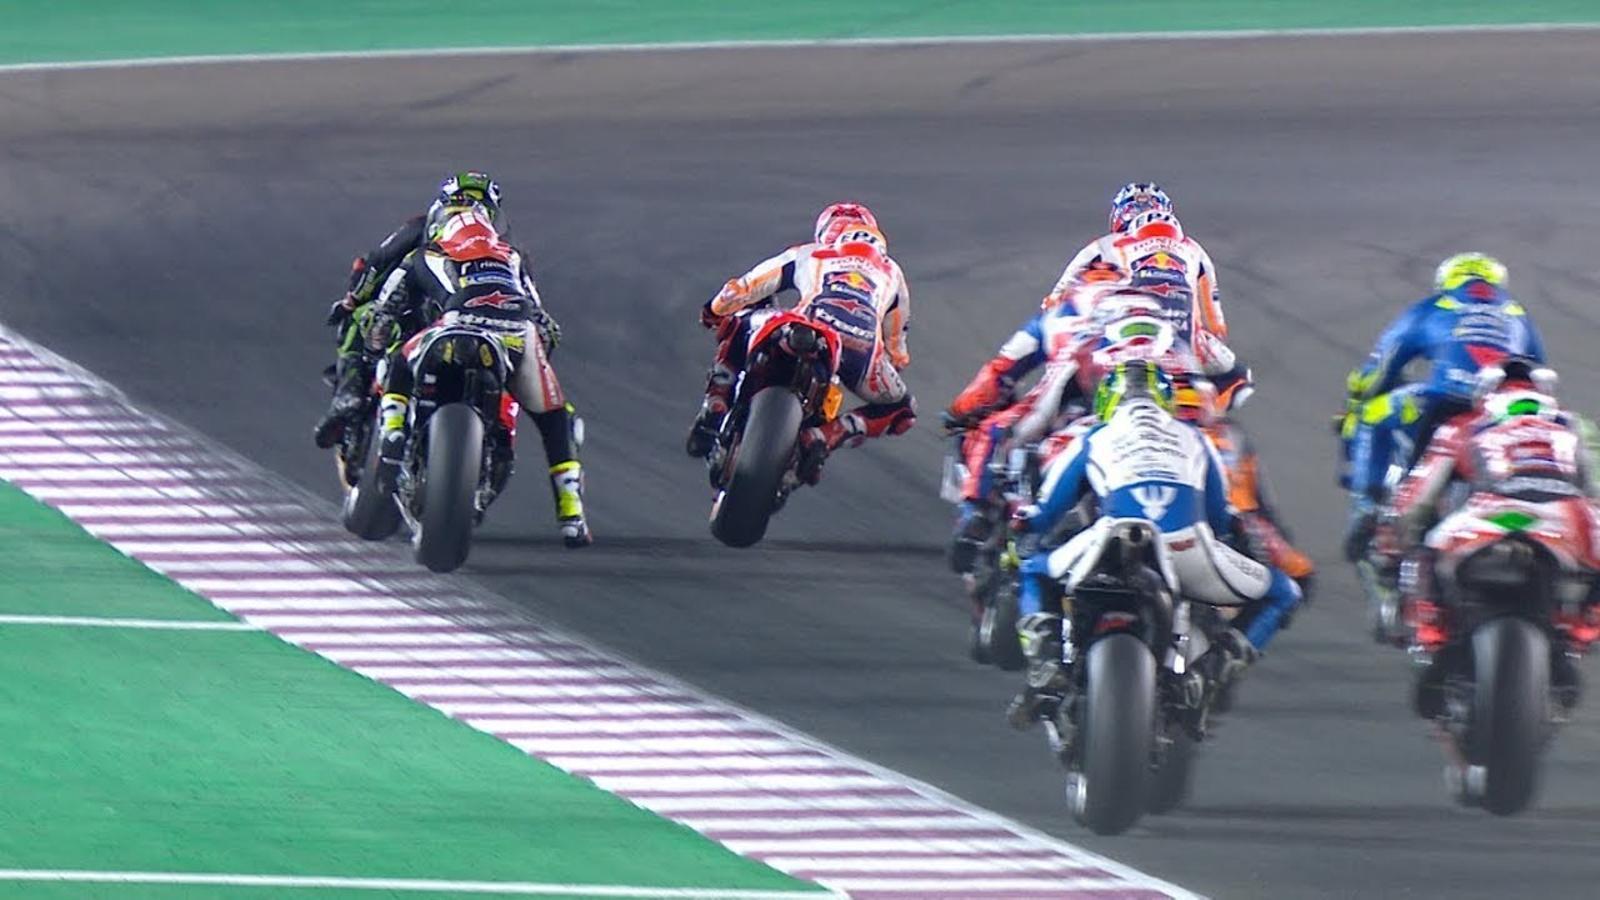 El GP de Qatar de MotoGP, en minut i mig